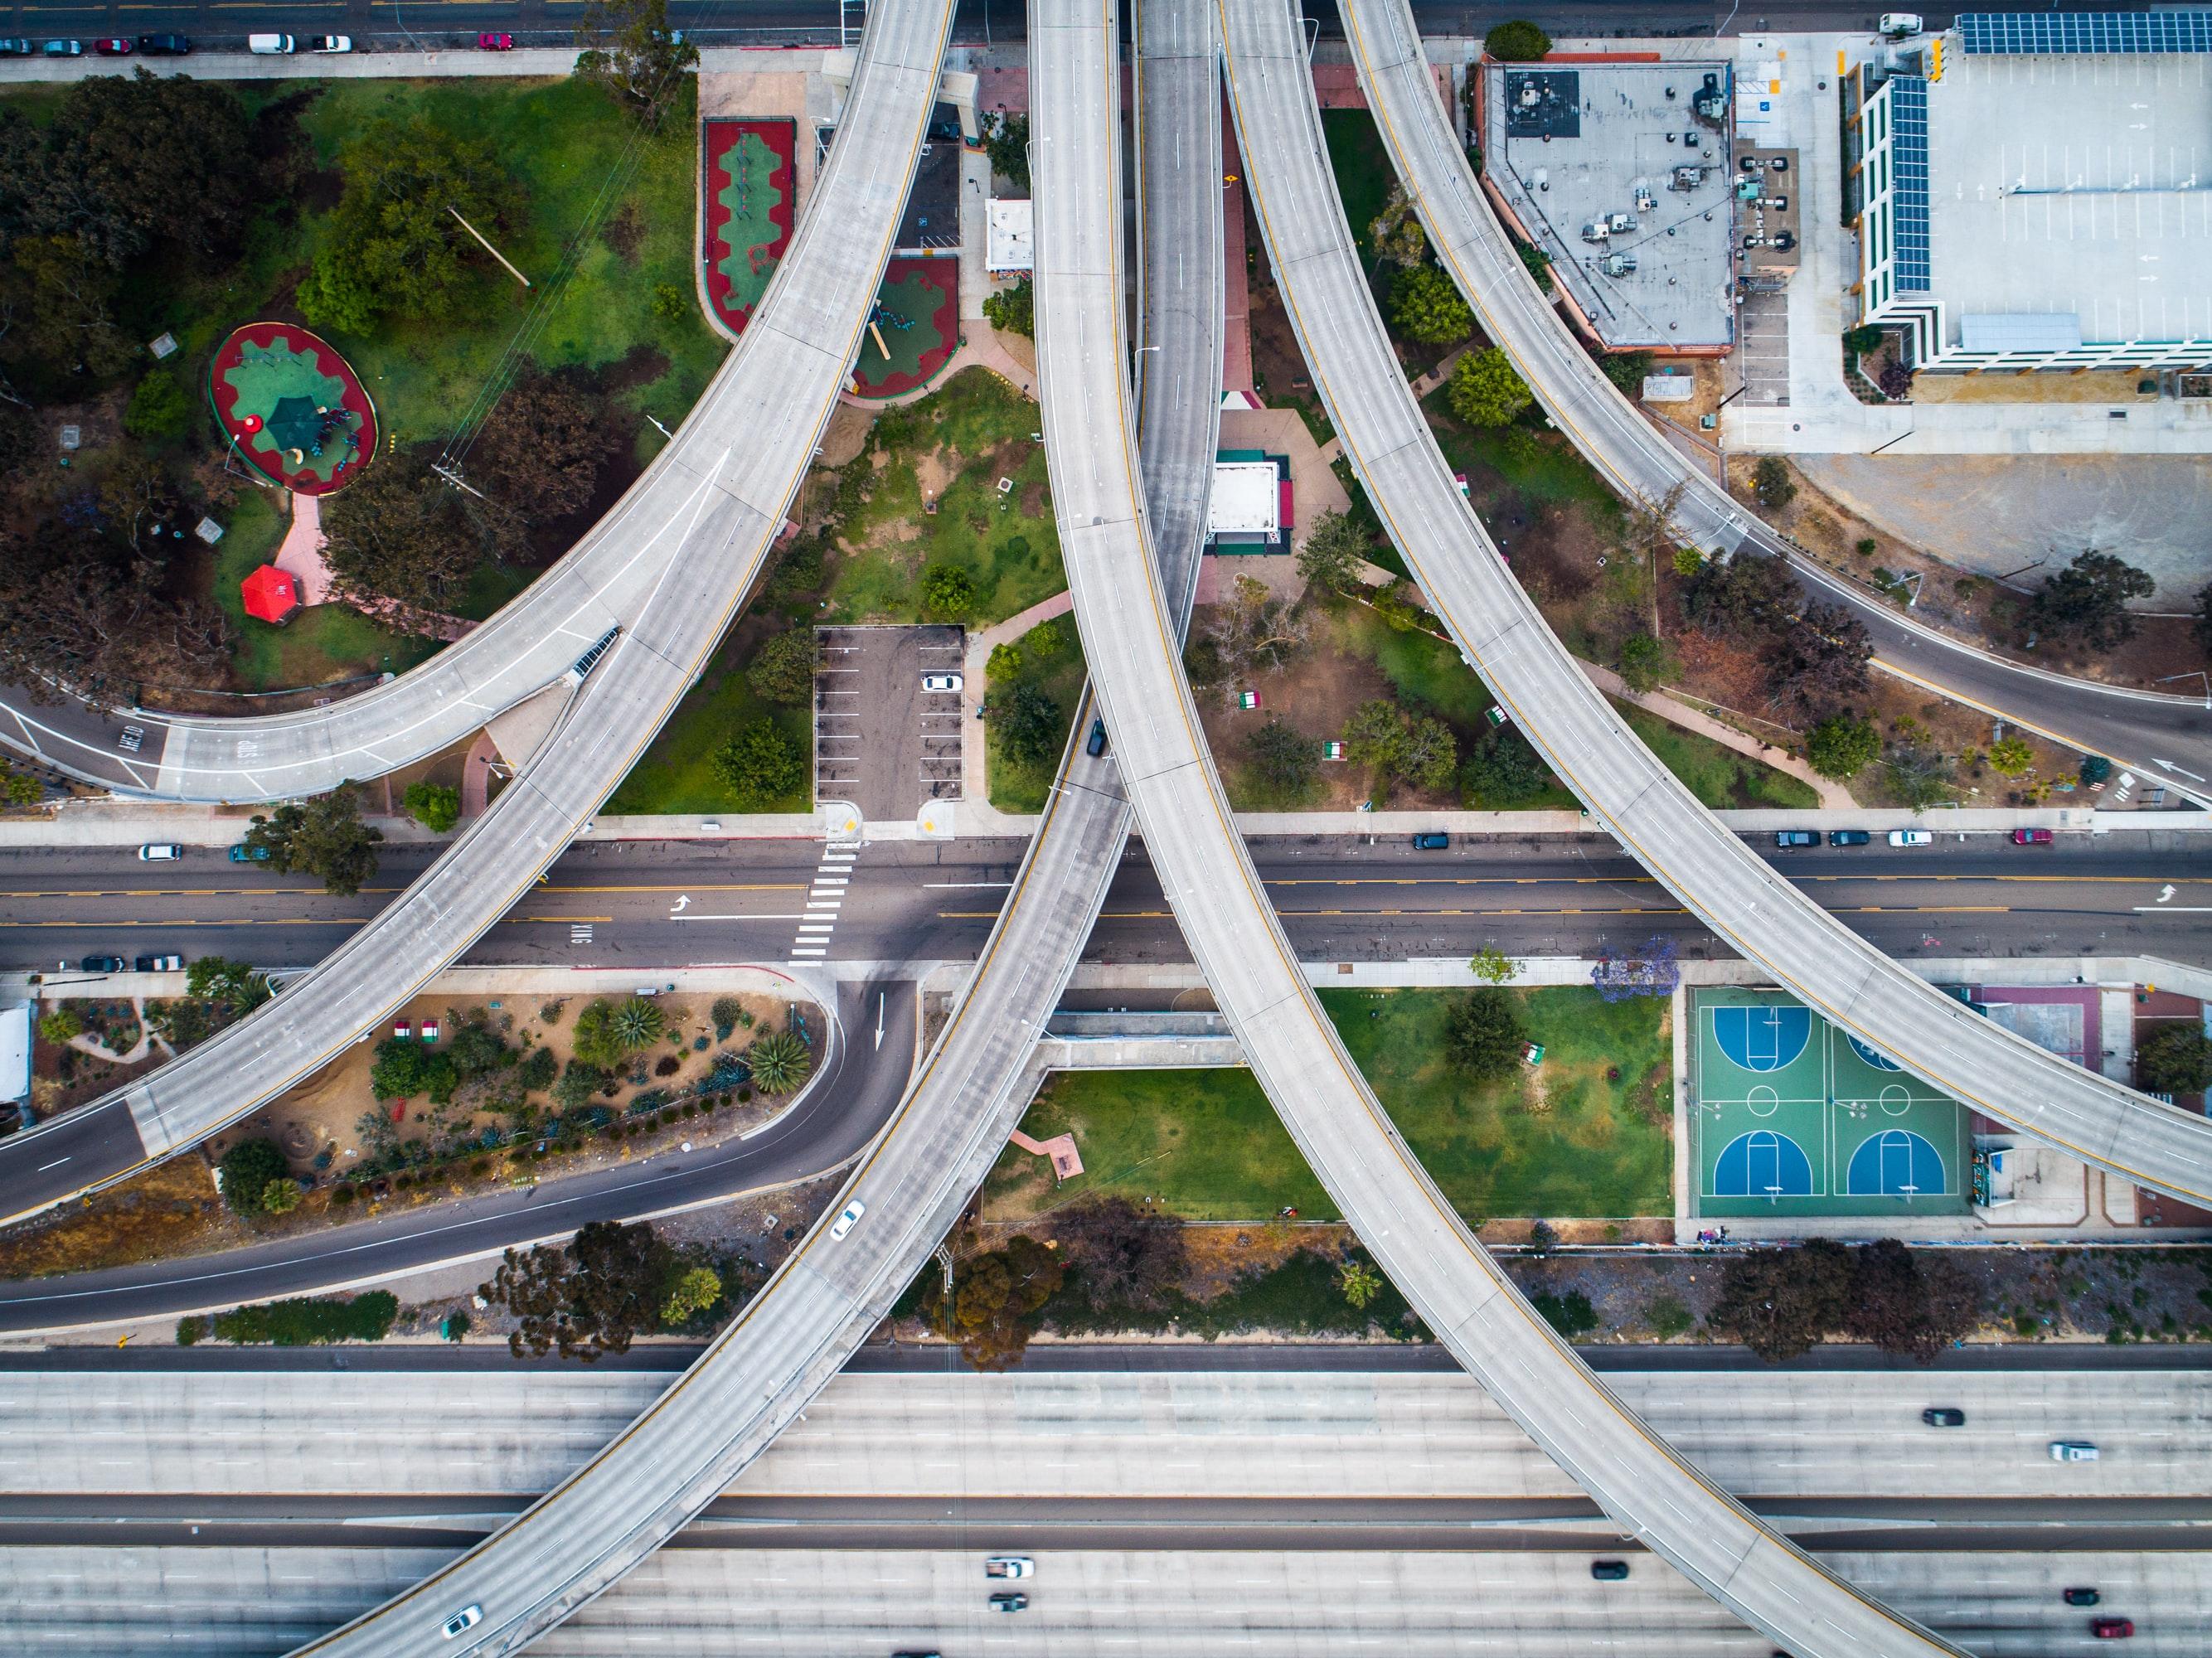 Foto von Autobahnkreuz und Wohnhäusern aus der Vogelperspektive